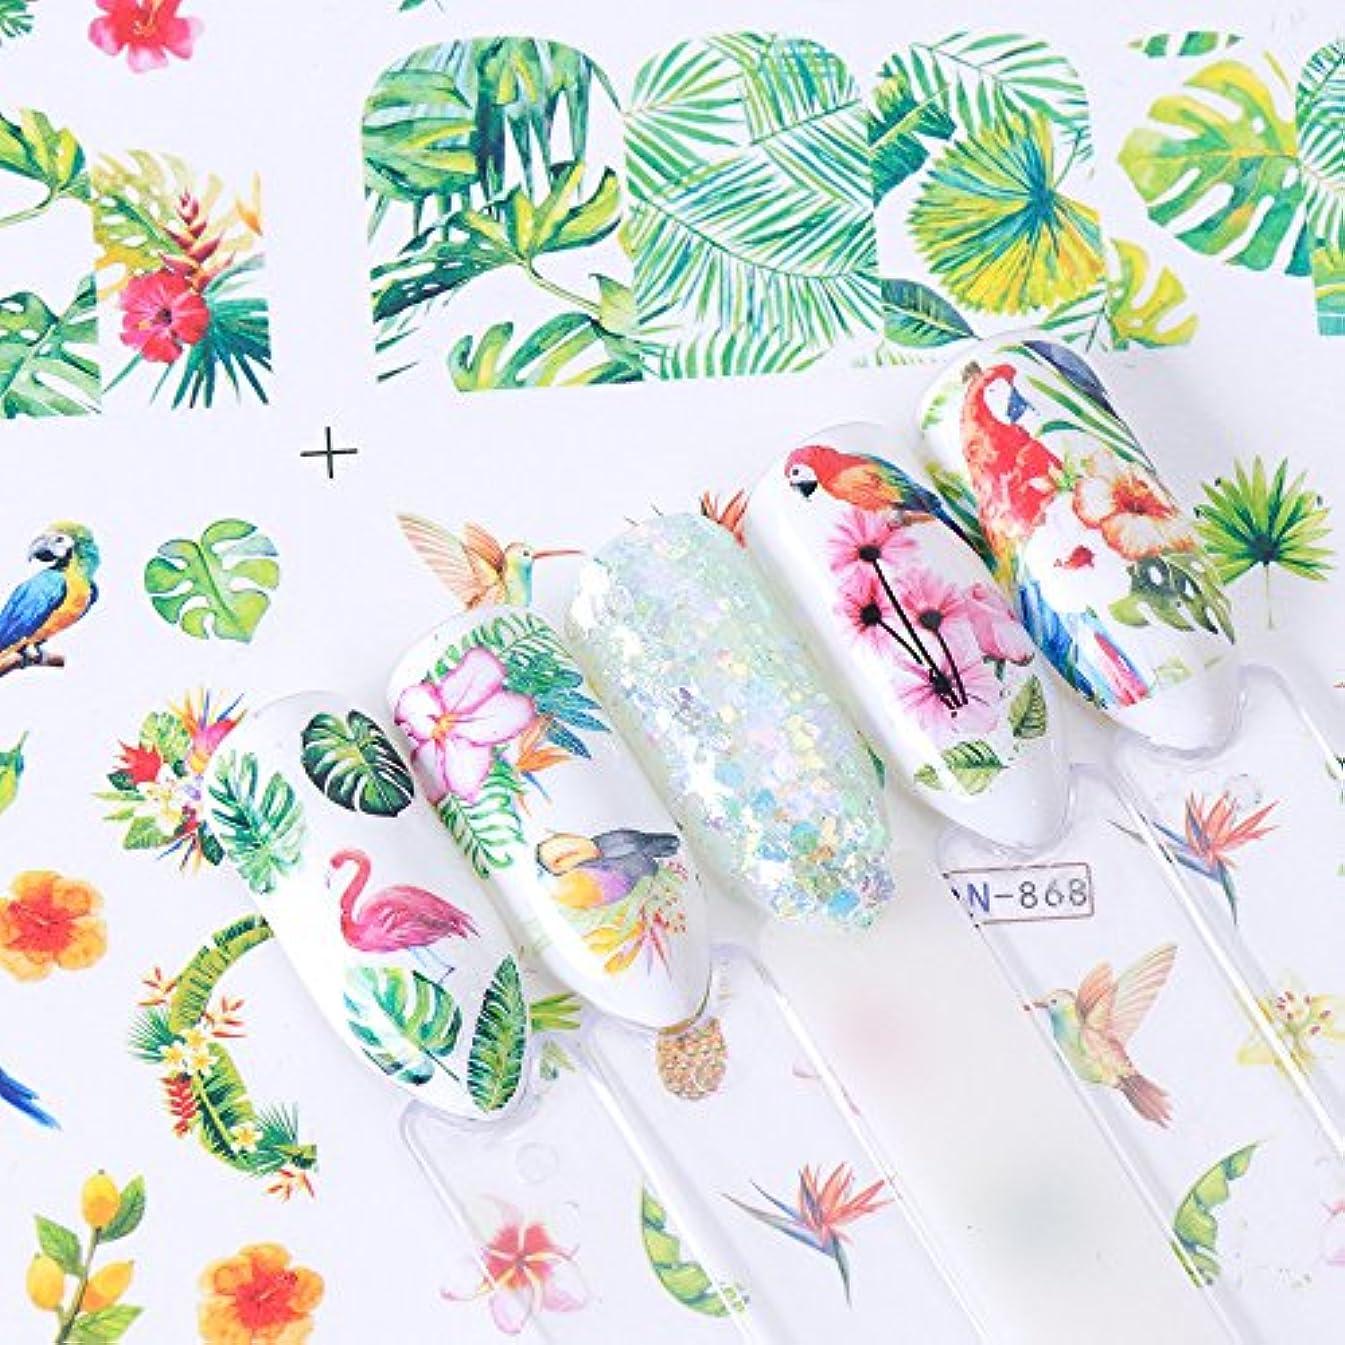 コンテスト土砂降りも12枚セット フラミンゴ 熱帯植物 モンステラネイルシール ウォーターネイルシール ジェルネイル セルフネイル レジン フラミンゴ 鳥 夏 トロピカル 南国 ピンクネイルシール ピンクフラミンゴシール ピンク